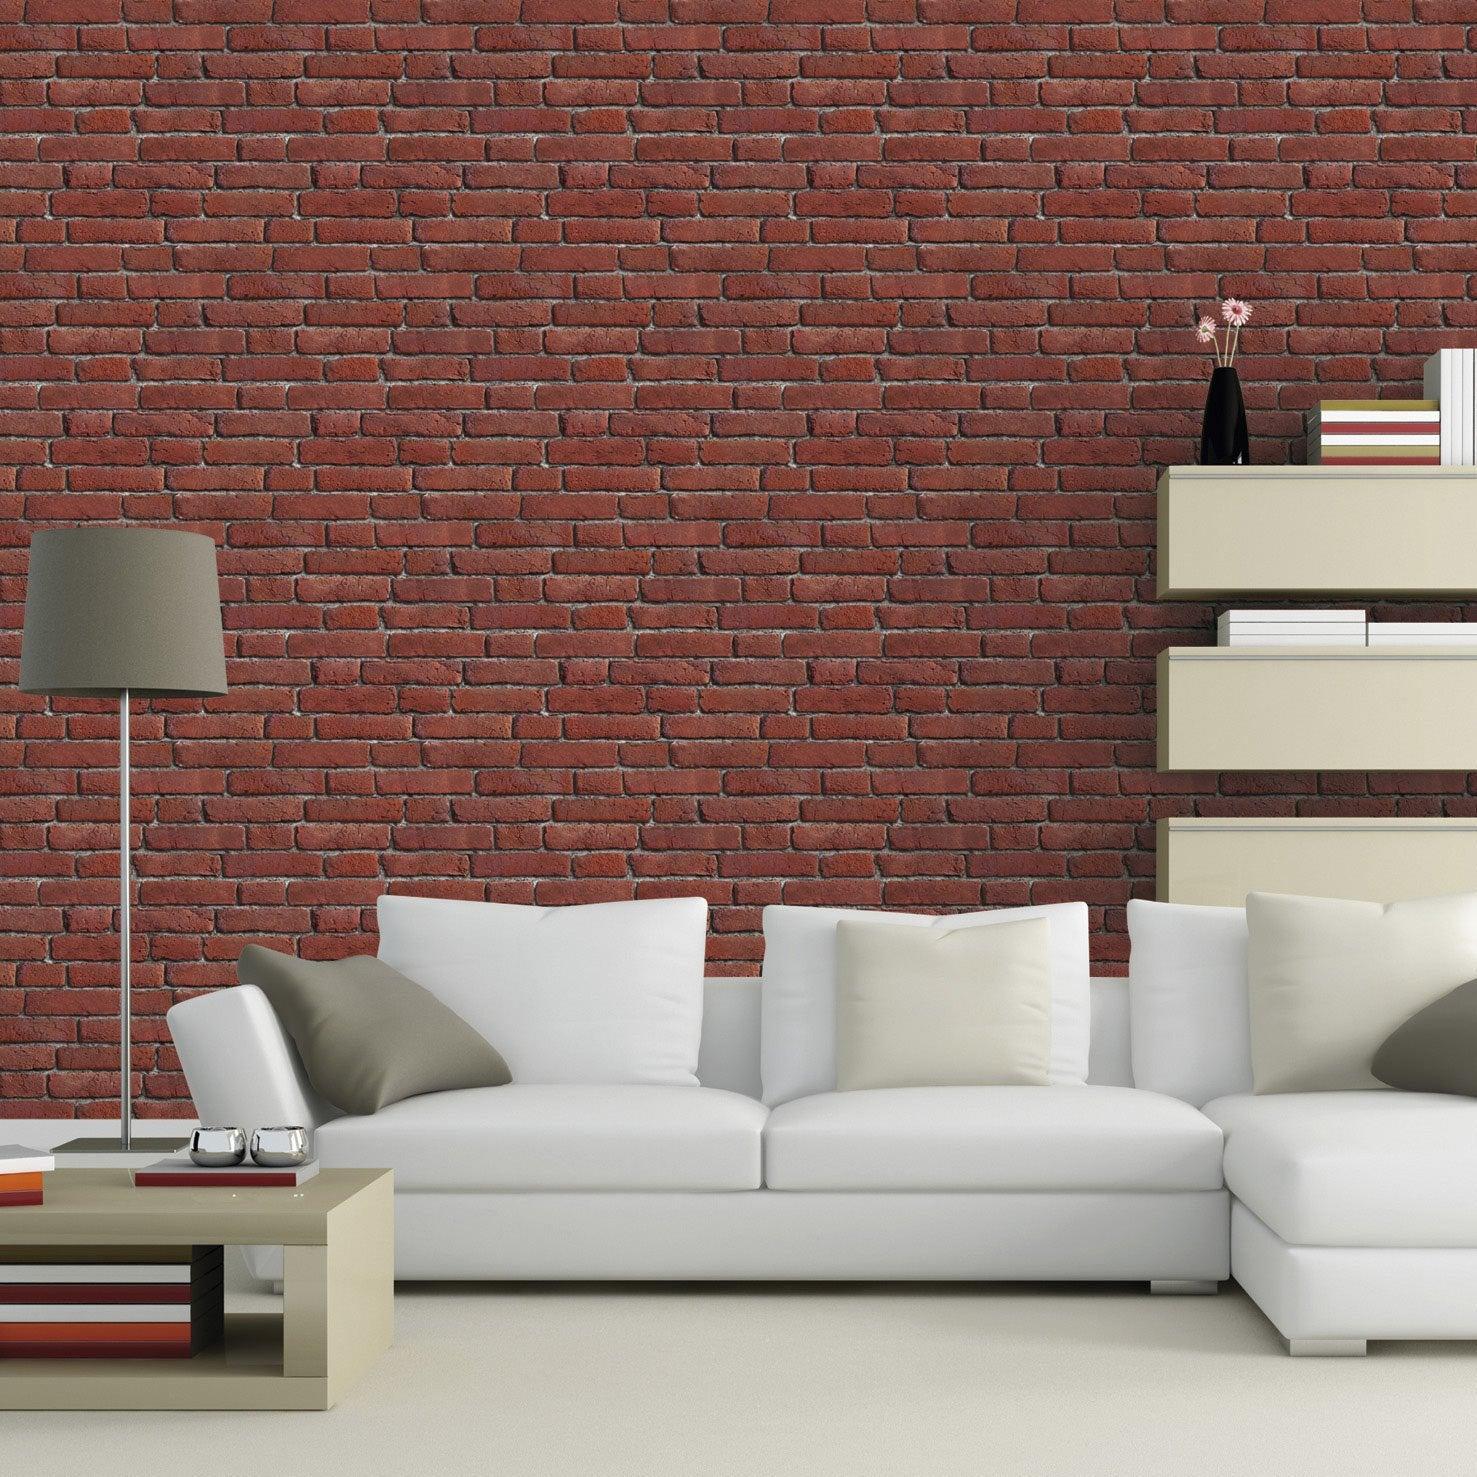 papier peint intiss briques anciennes rouge leroy merlin. Black Bedroom Furniture Sets. Home Design Ideas